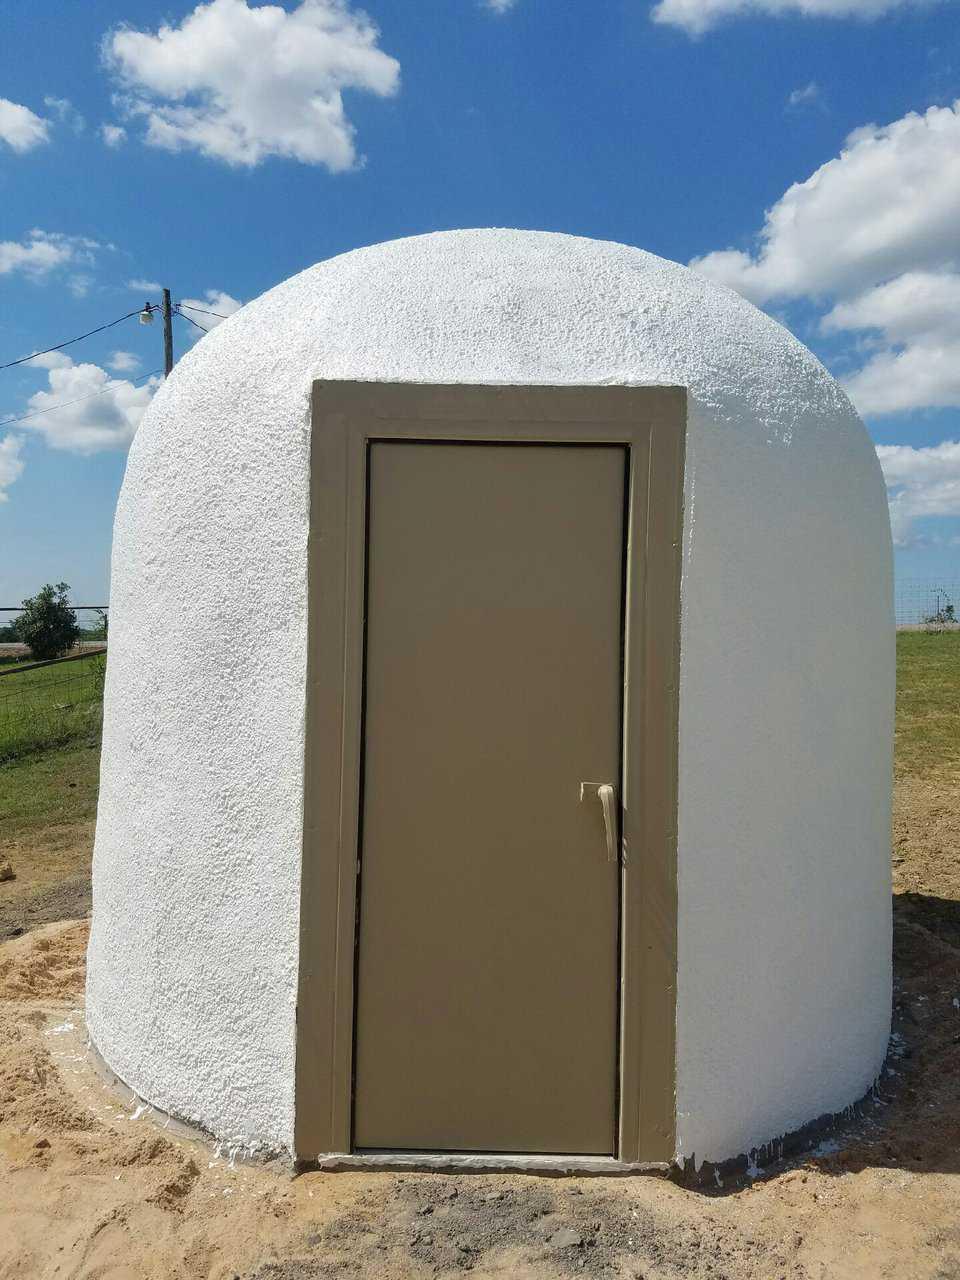 The Tornado Tamer Storm Door Completes The Tornado Shelter.